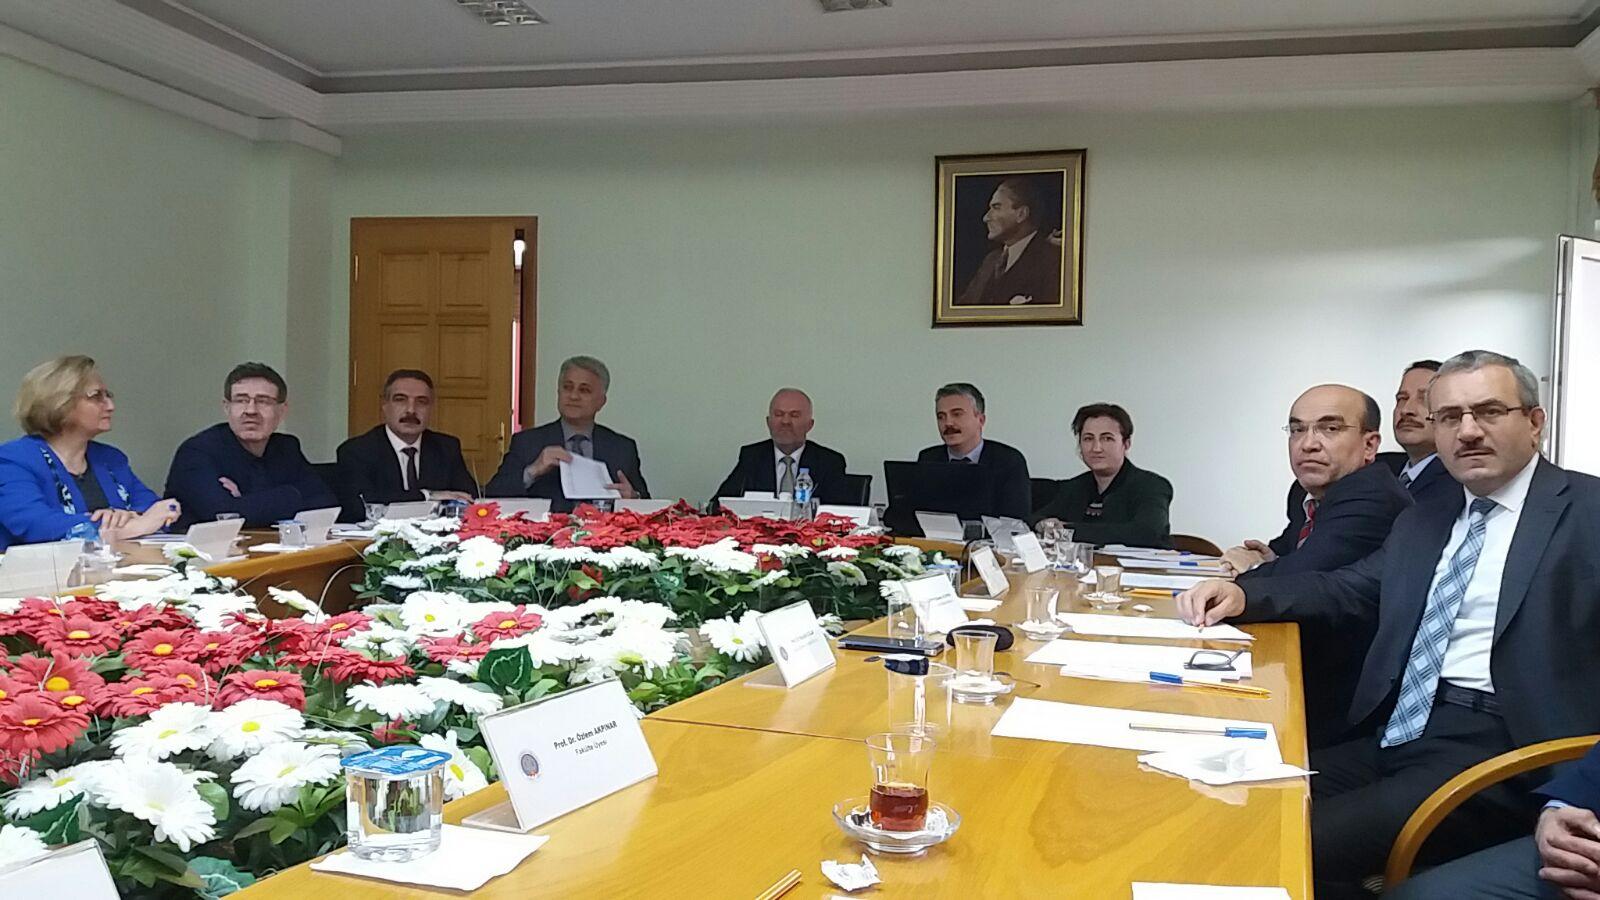 """Gaziosmanpaşa Üniversitesi Senatosuna """"Sıfır Atık Projesi"""" ile ilgili tanıtım ve bilgilendirme sunumu yapıldı"""